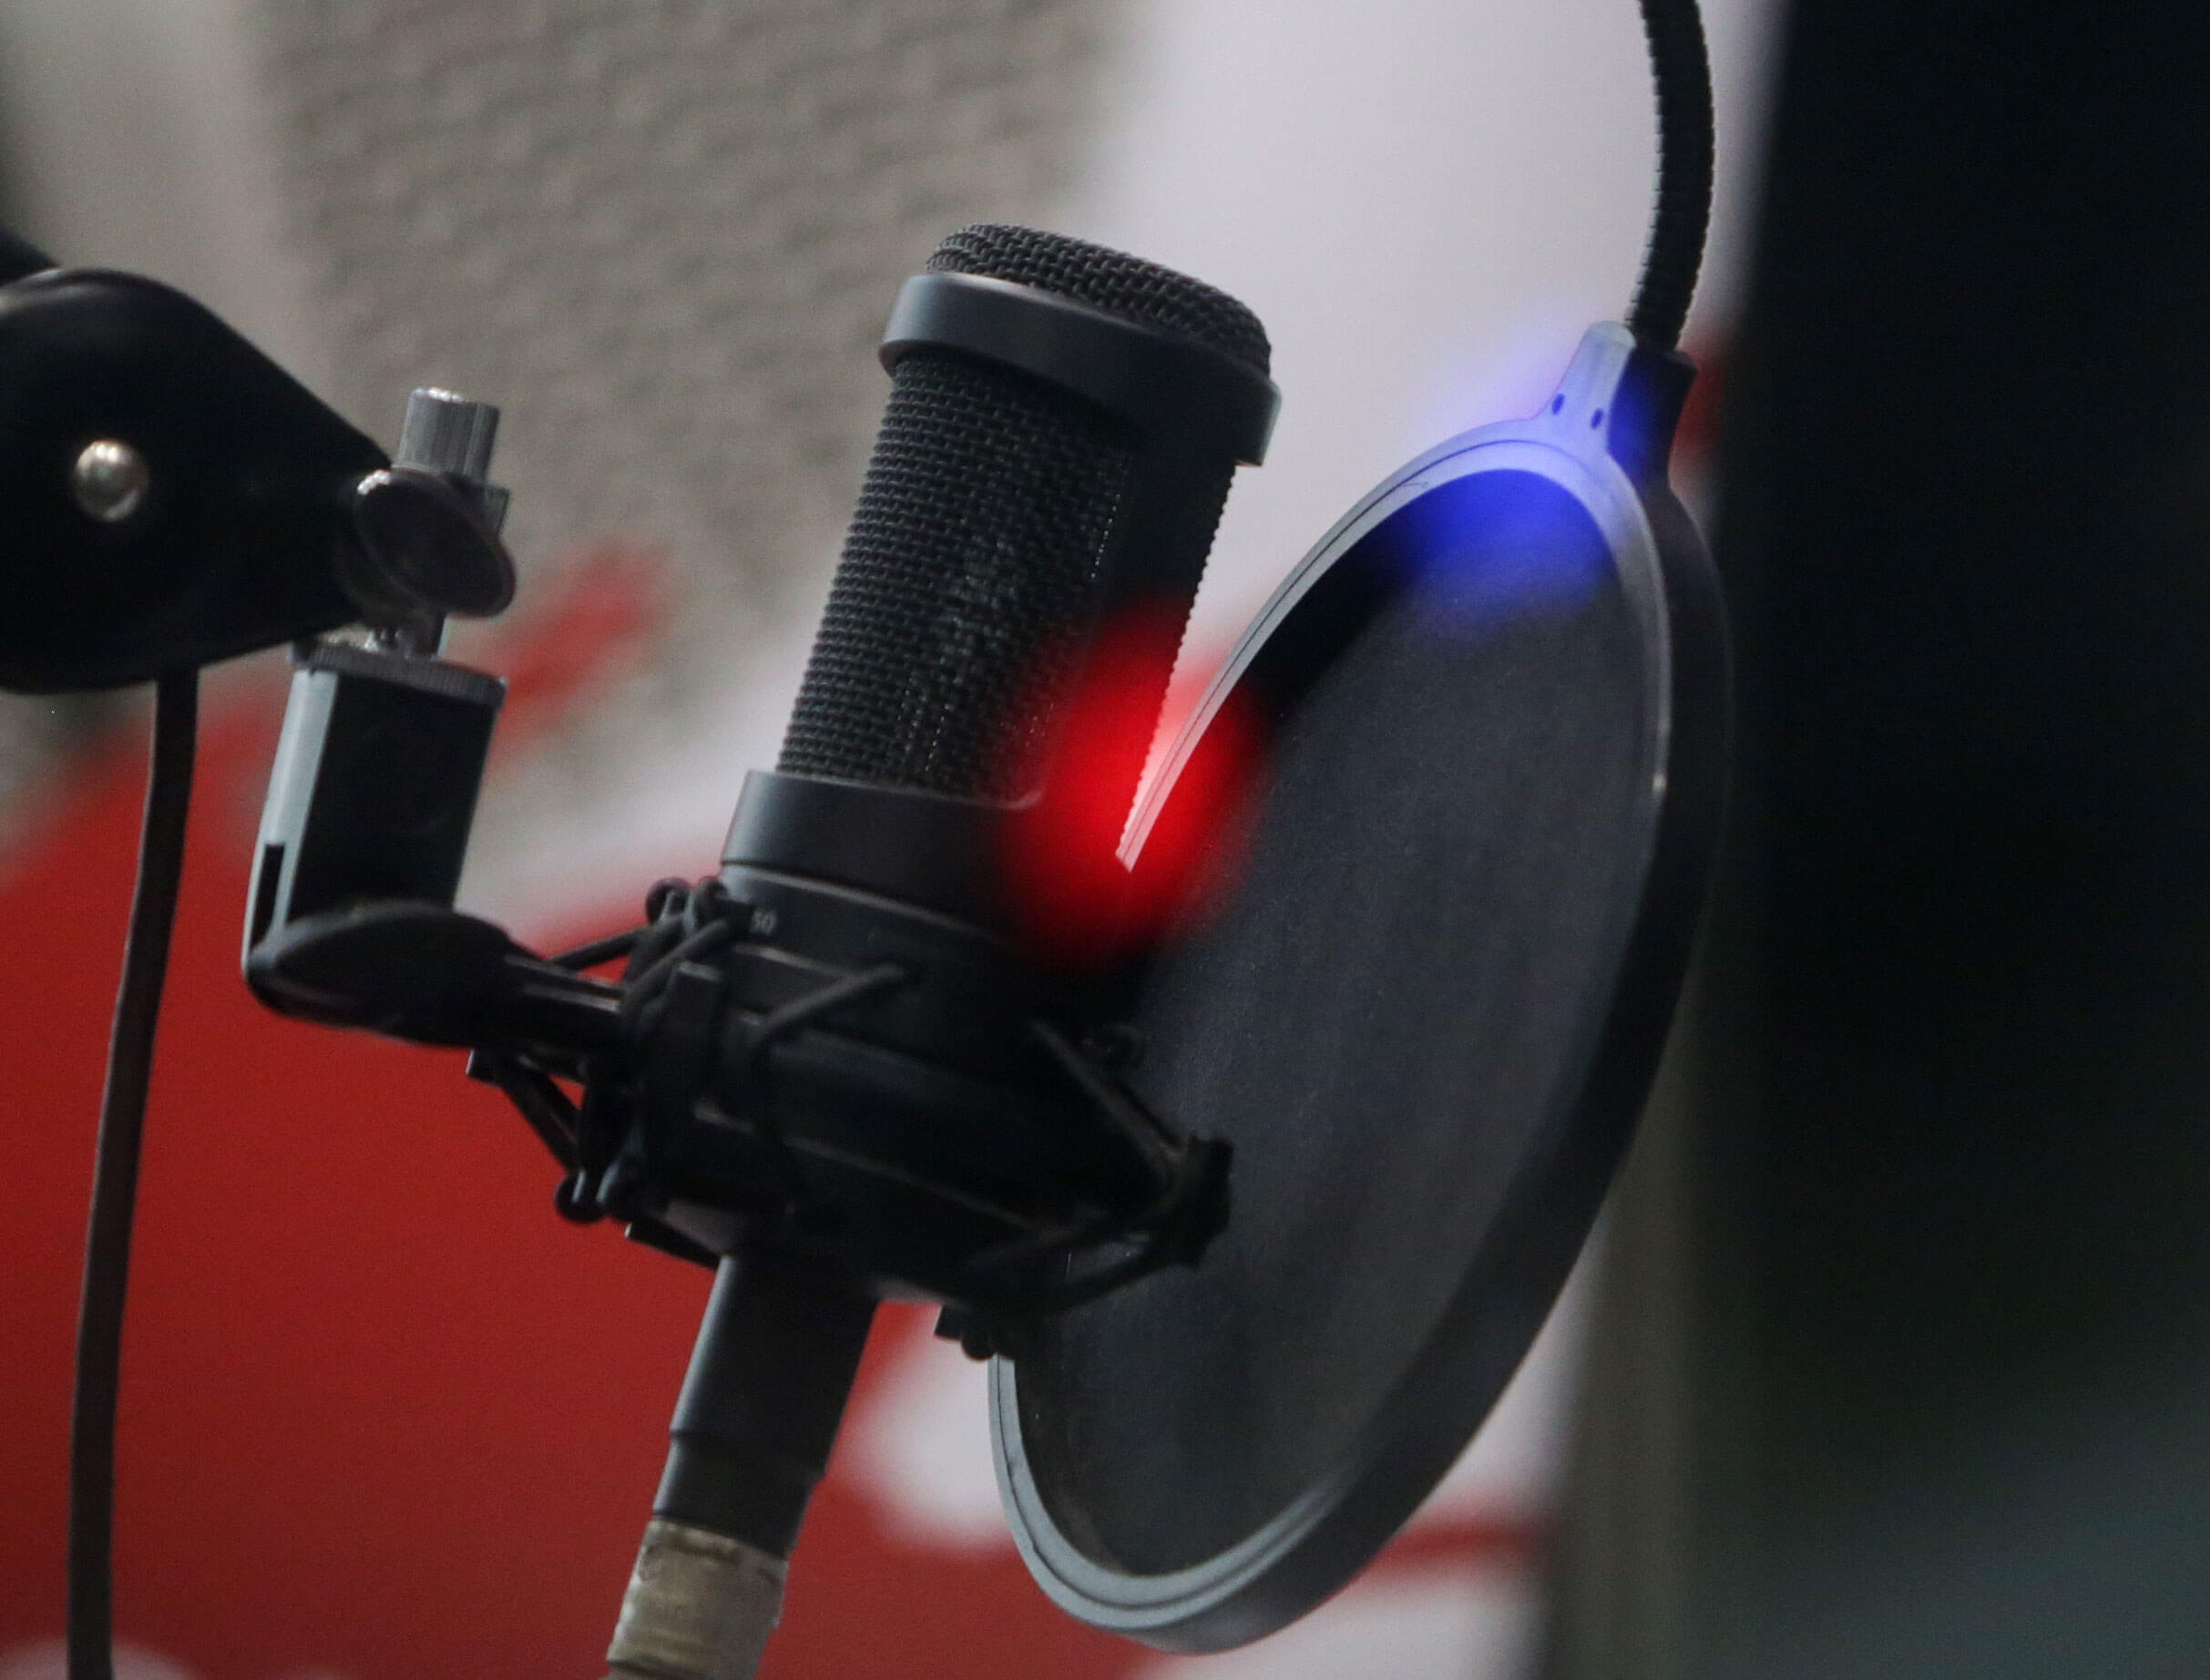 Οι επιλογές των ακροατών – Μέτρηση ραδιοφωνικών σταθμών που φέρνει τους πάνω… κάτω!